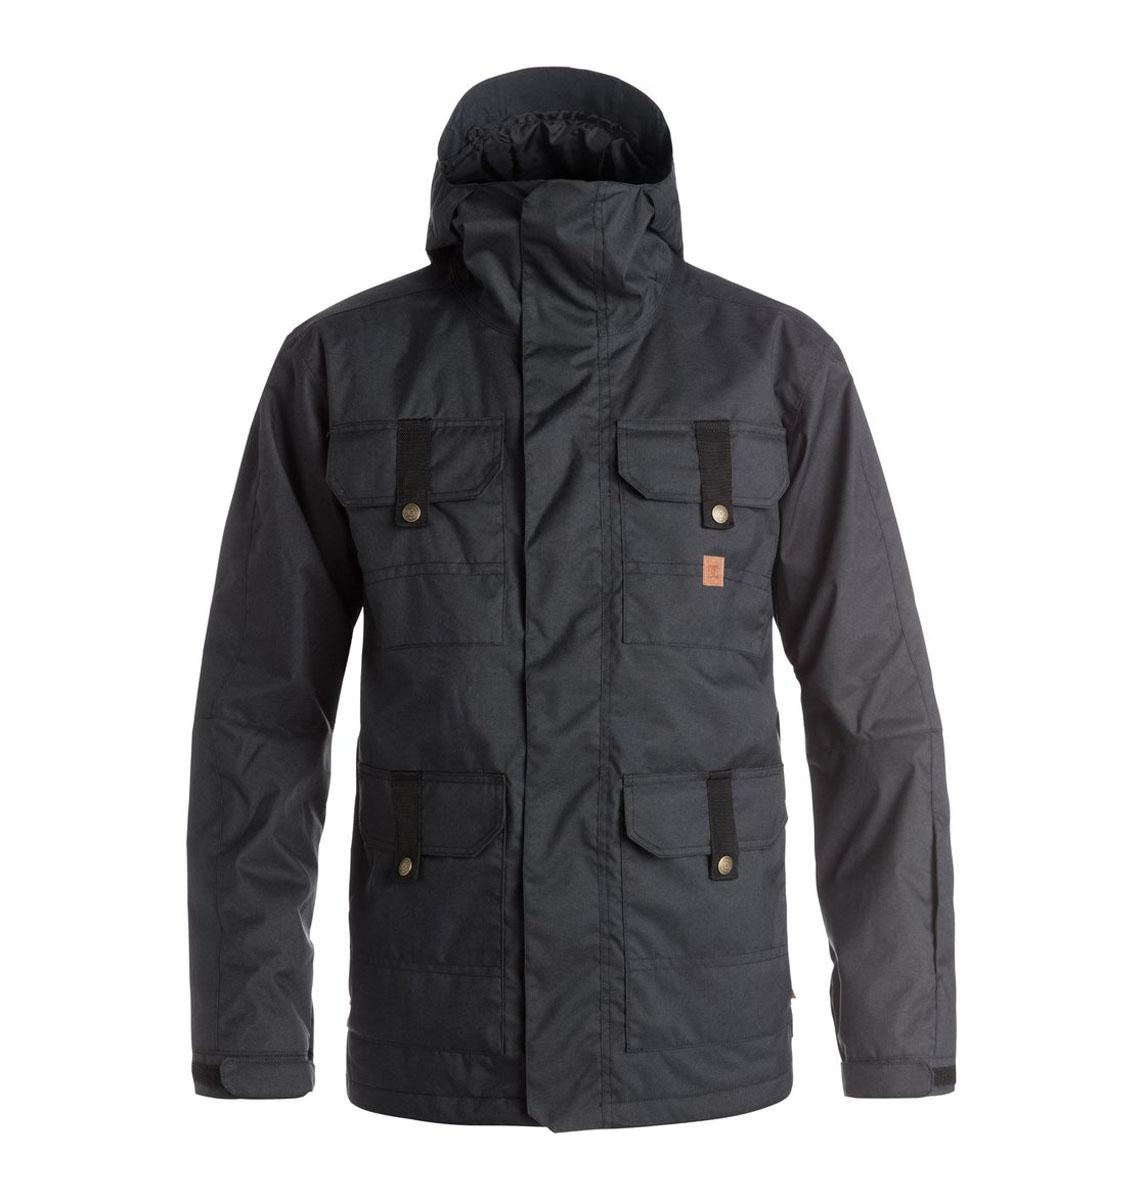 Куртка мужская DC Shoes, цвет: черный. EDYTJ03022. Размер M (52)EDYTJ03022-KVJ0Мужская куртка Quiksilverвыполнена из 100% полиэстера. В качестве подкладки и утеплителя также используется полиэстер. Изделие произведено из сырья высшего качества.Модель с несъемным капюшоном застегивается на застежку-молнию и имеет ветрозащитную планку на липучках. Край капюшона дополнен шнурком-кулиской и небольшим укрепленным козырьком. Низ рукавов дополнен хлястиком на кнопке, а внутренняя часть рукава оформлена эластичным манжетом с прорезью для большого пальца. Спереди расположено четыре накладных кармана с клапанами на кнопках и липучках и по бокам они же дополнены карманами намолнии, а с внутренней стороны - один накладной карман из сетчатой ткани. Под защитной планкой расположена застежка молния, которая дополнена отверстием для наушников. В поясе с внутренней стороны куртка имеет дополнительную подкладку на резинке, которая защитит от ветра и попадания снега.